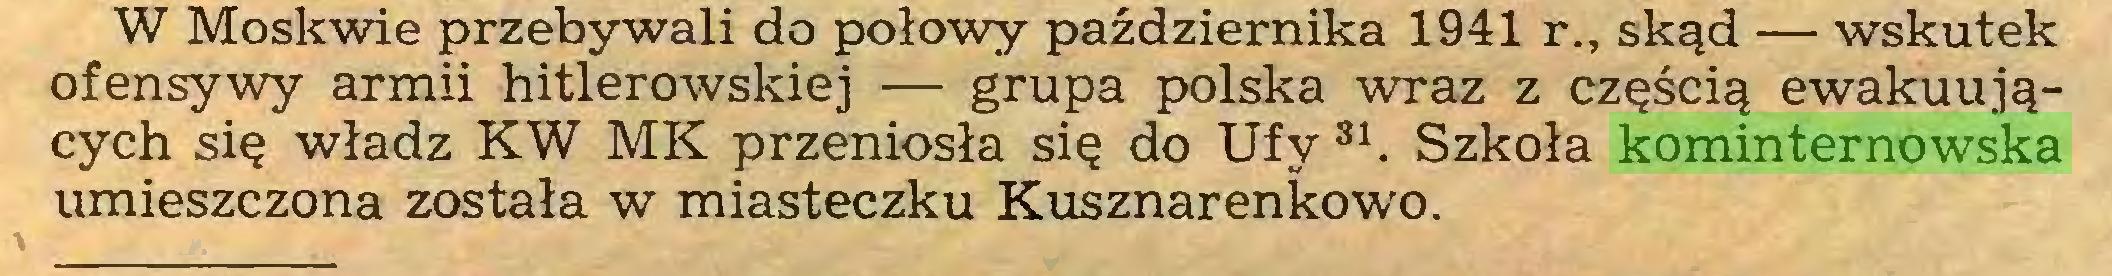 (...) W Moskwie przebywali do połowy października 1941 r., skąd — wskutek ofensywy armii hitlerowskiej — grupa polska wraz z częścią ewakuujących się władz KW MK przeniosła się do Ufy 31. Szkoła kominternowska umieszczona została w miasteczku Kusznarenkowo...